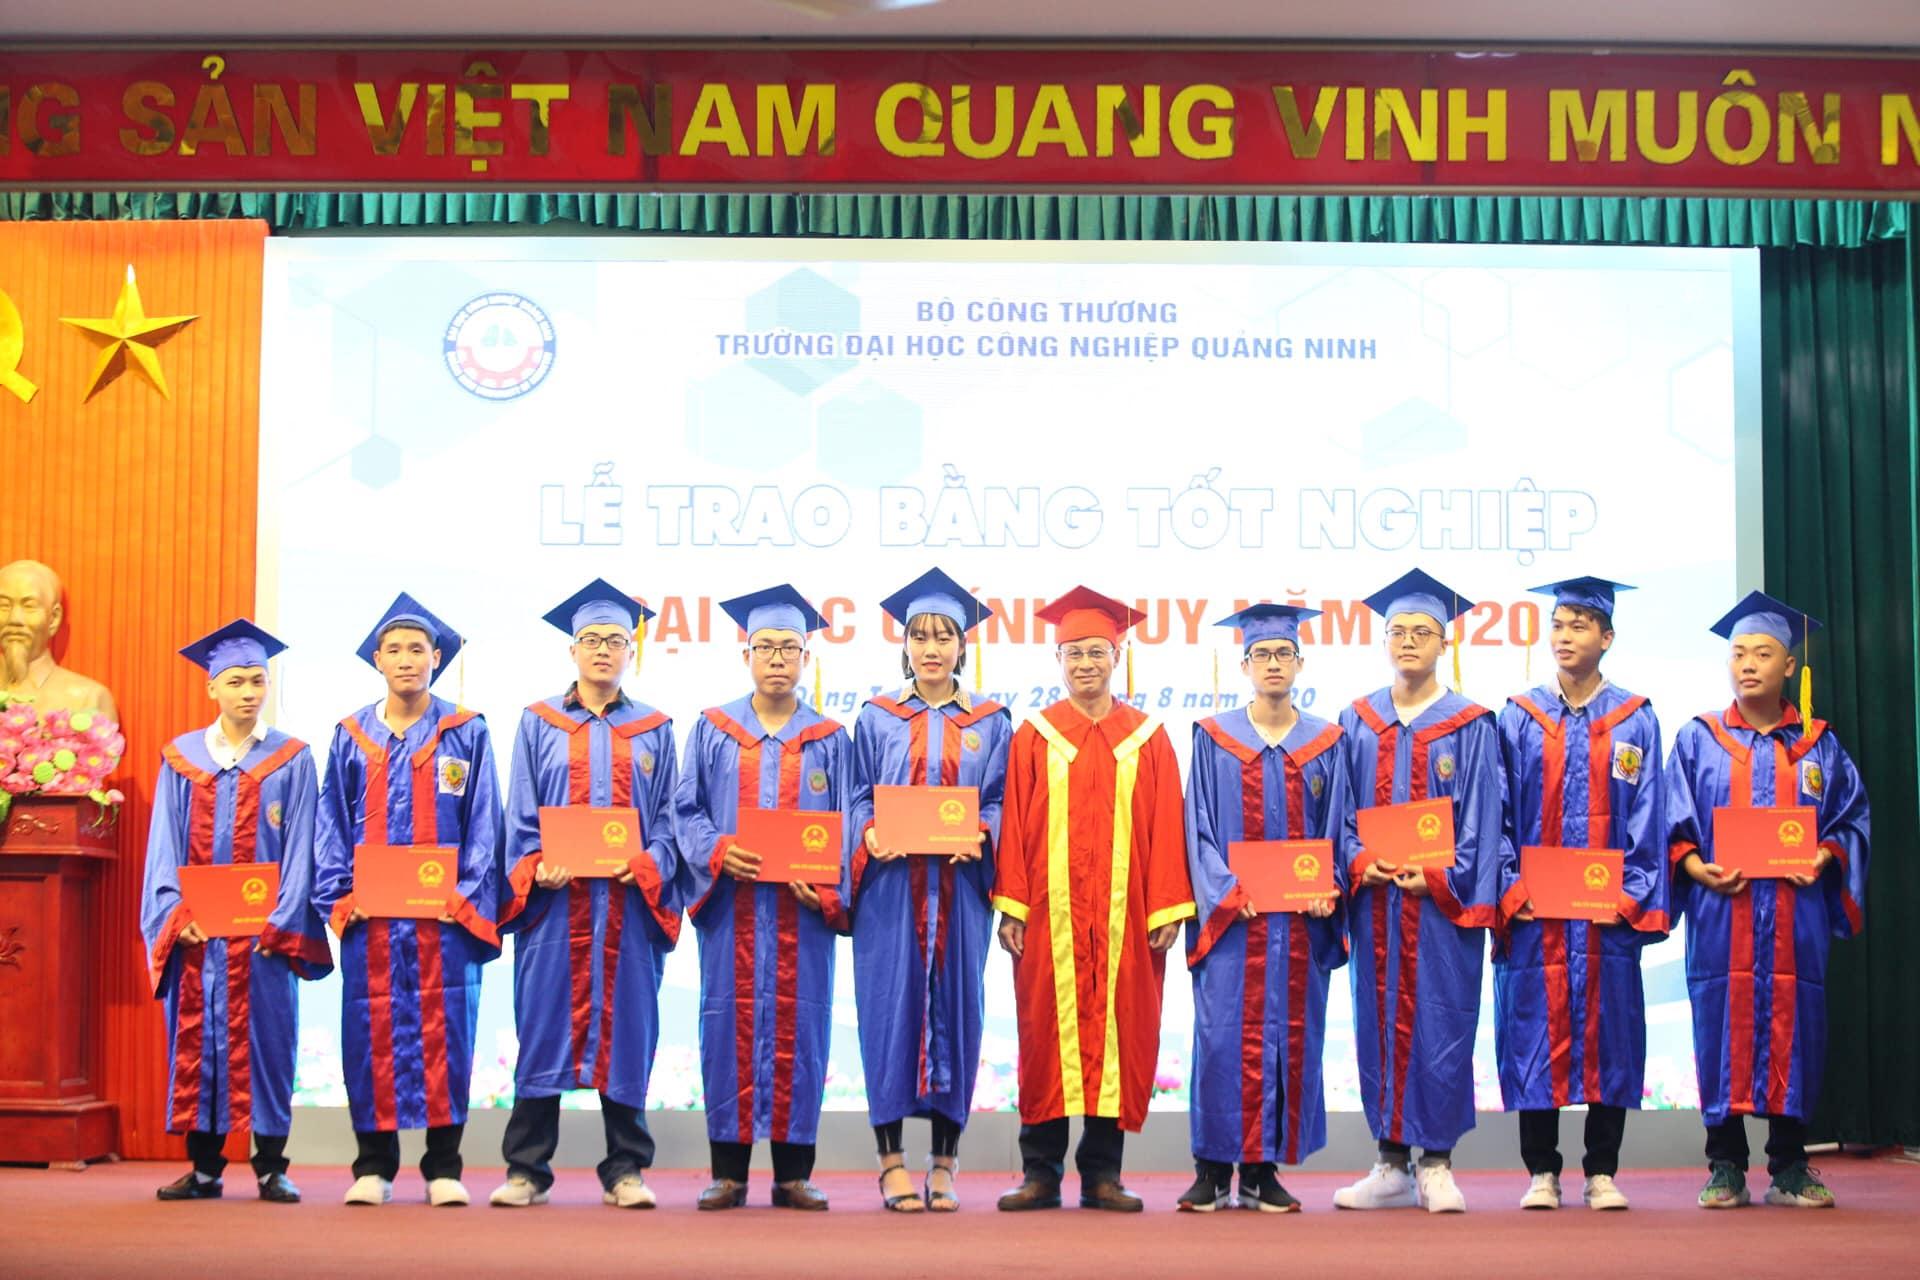 Trao bằng tốt nghiệp cho sinh viên chinh quy năm 2020